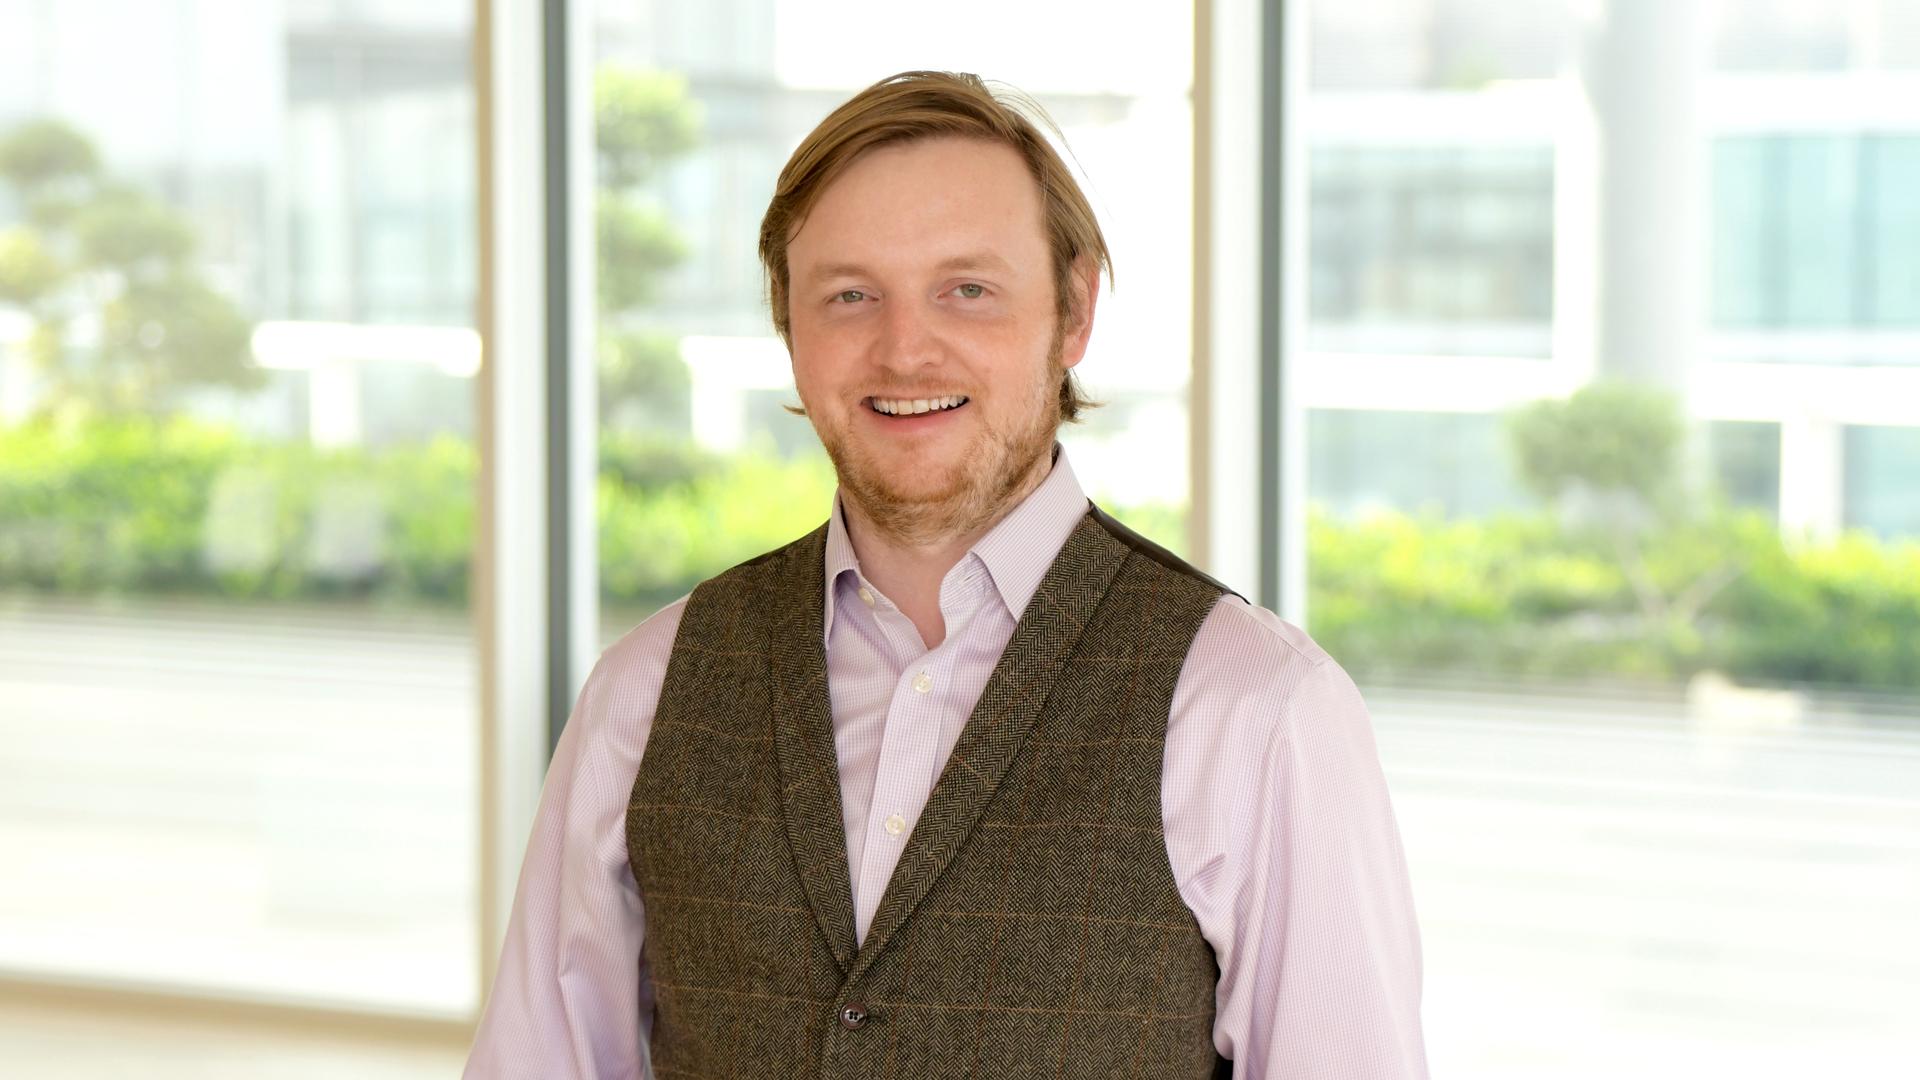 Jeremy Lash